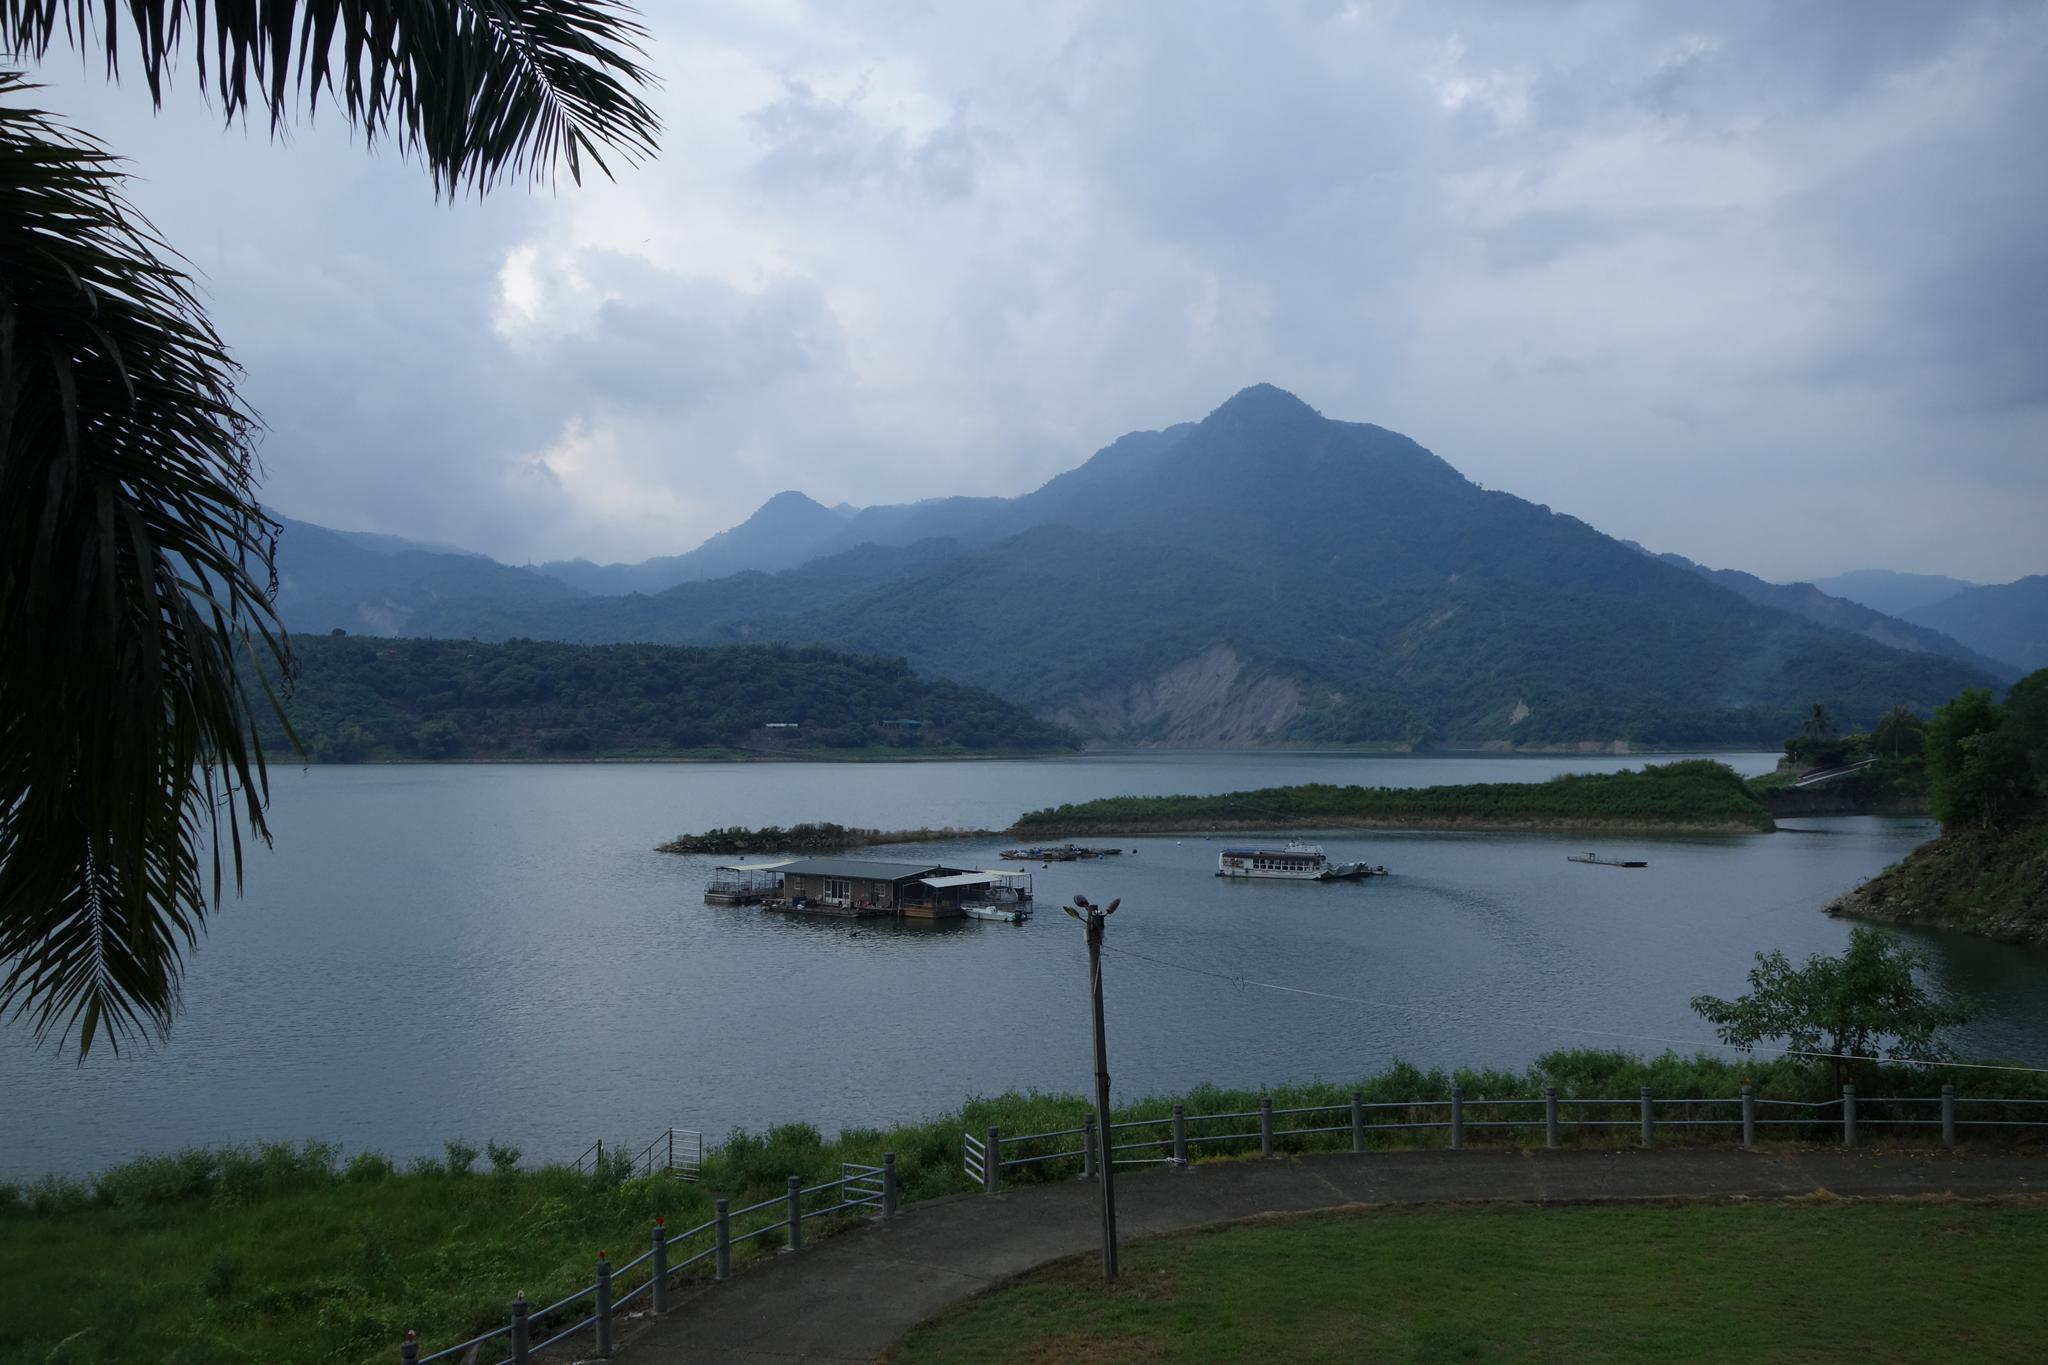 Tsengwen Reservoir in southern Taiwan (Photo by Michael A. Turton)